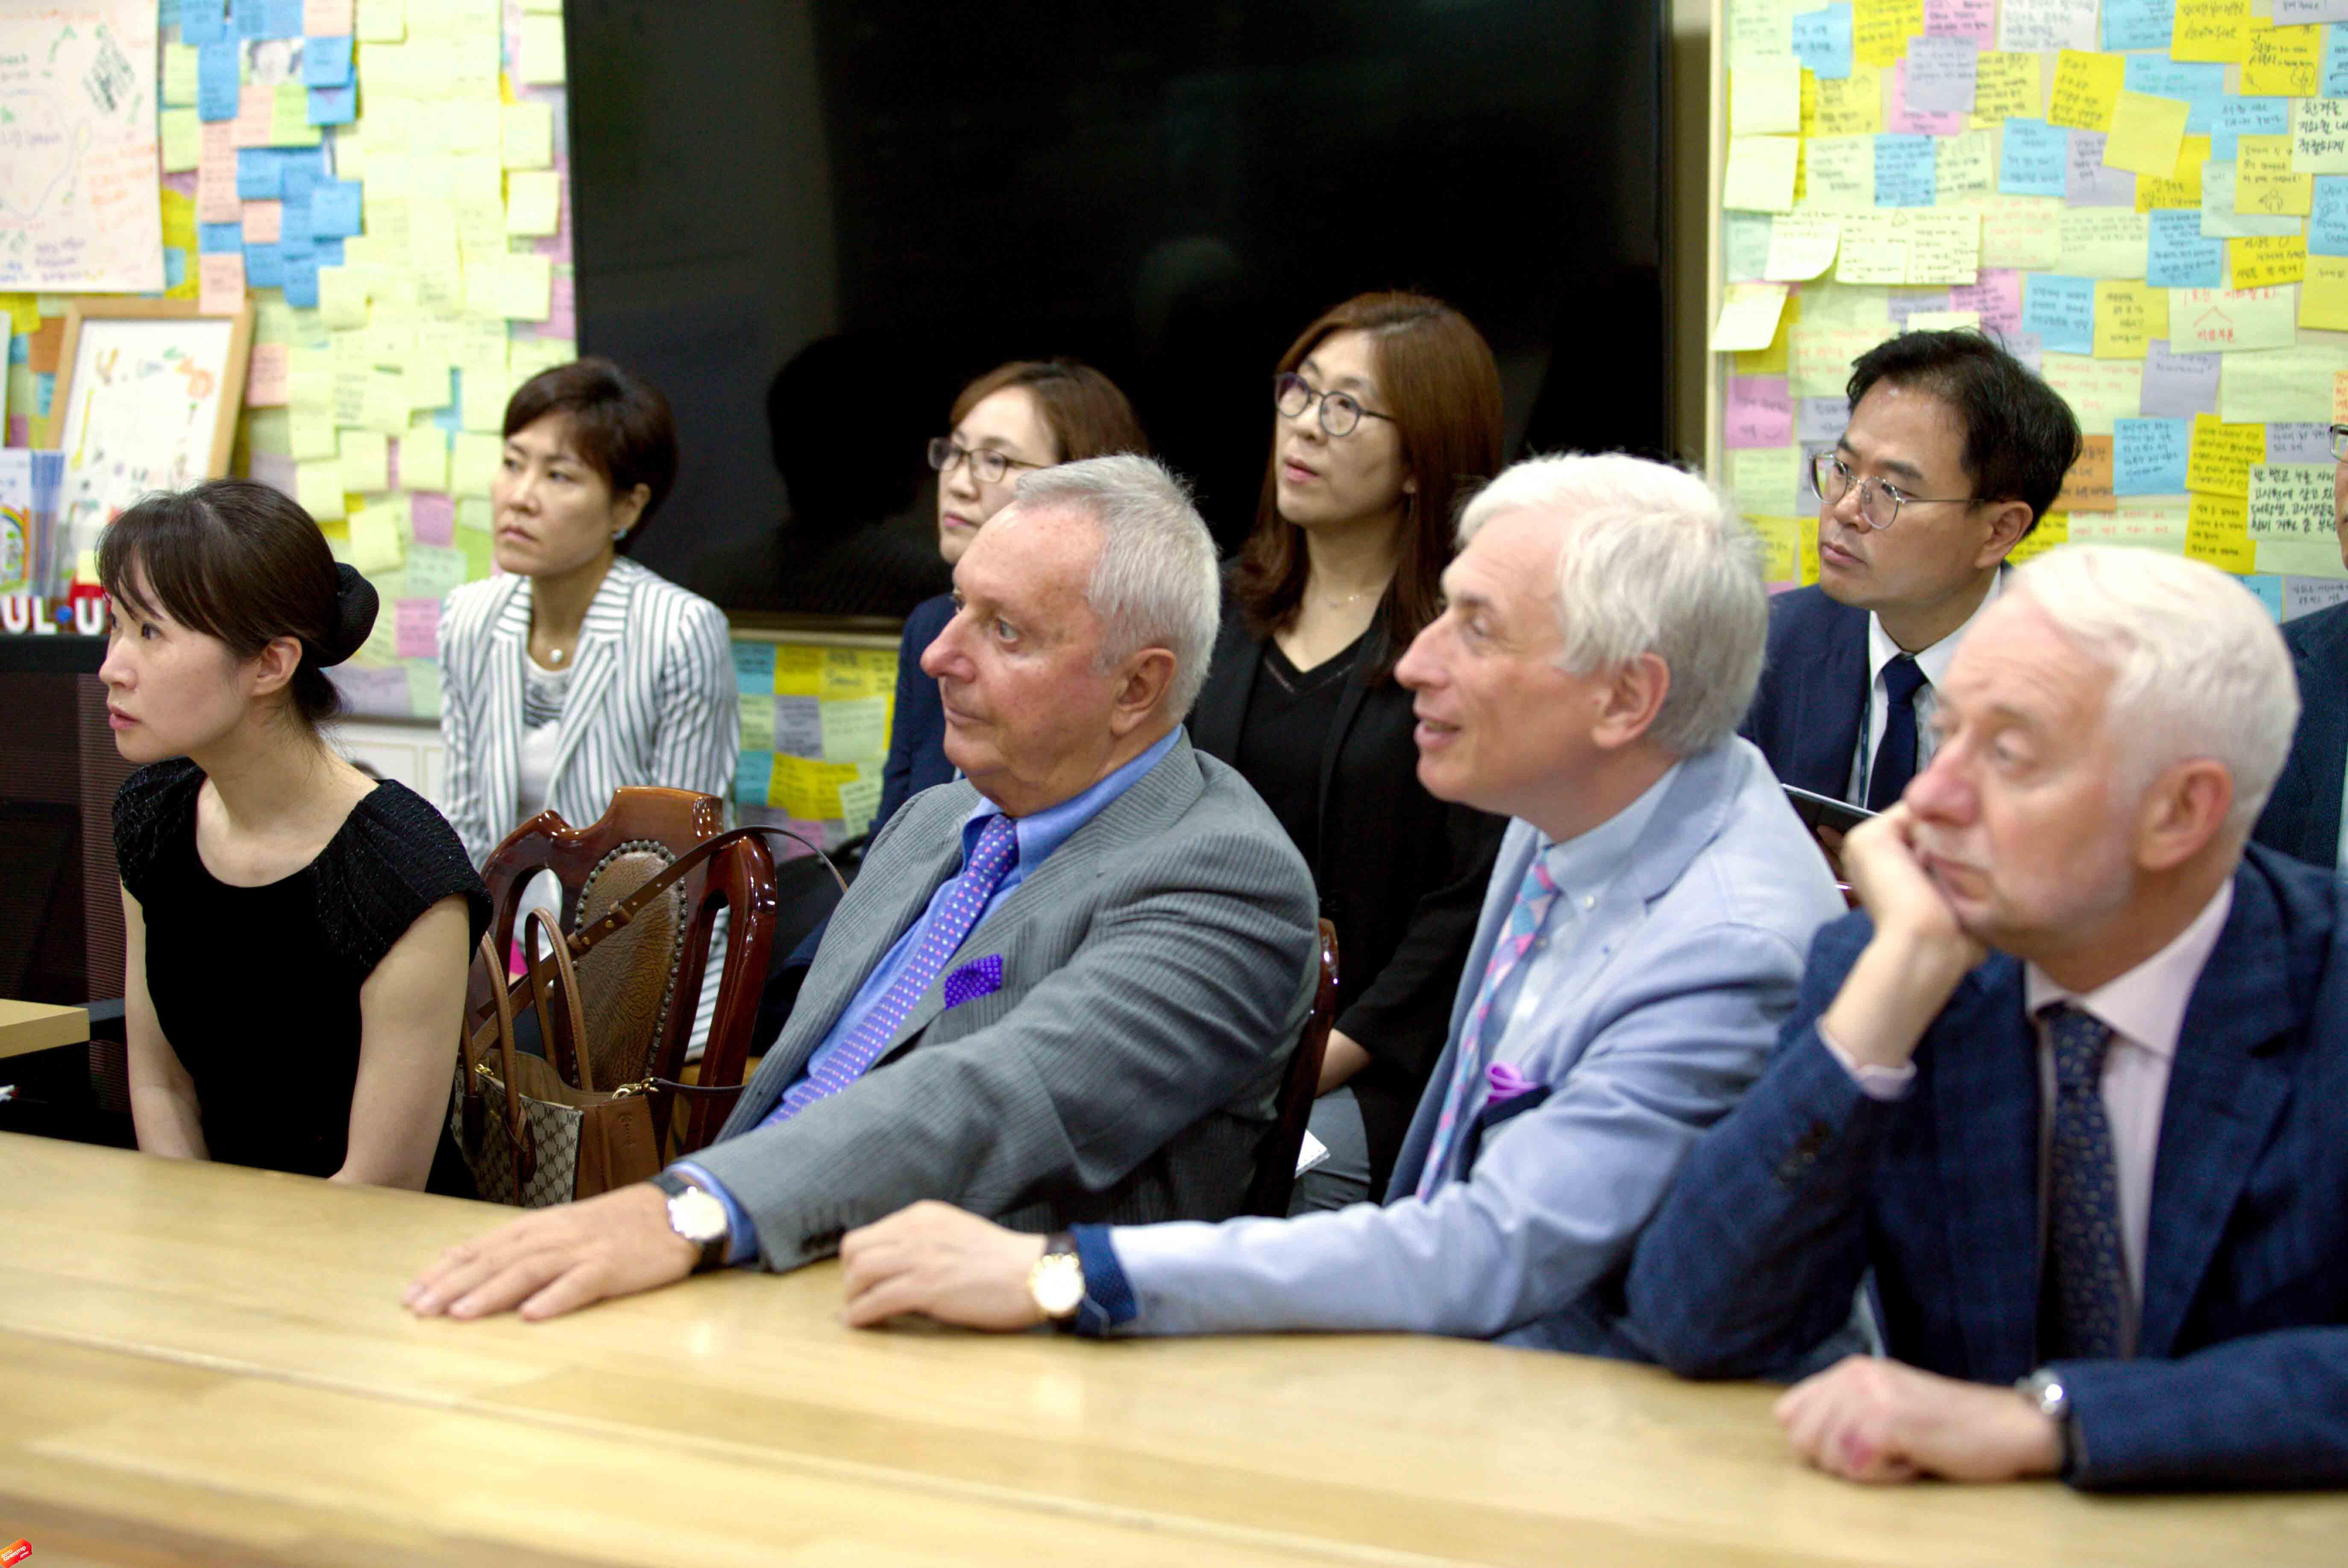 Мэр Сеула посвятил журналистов в секреты управления мегаполисом+.jpg